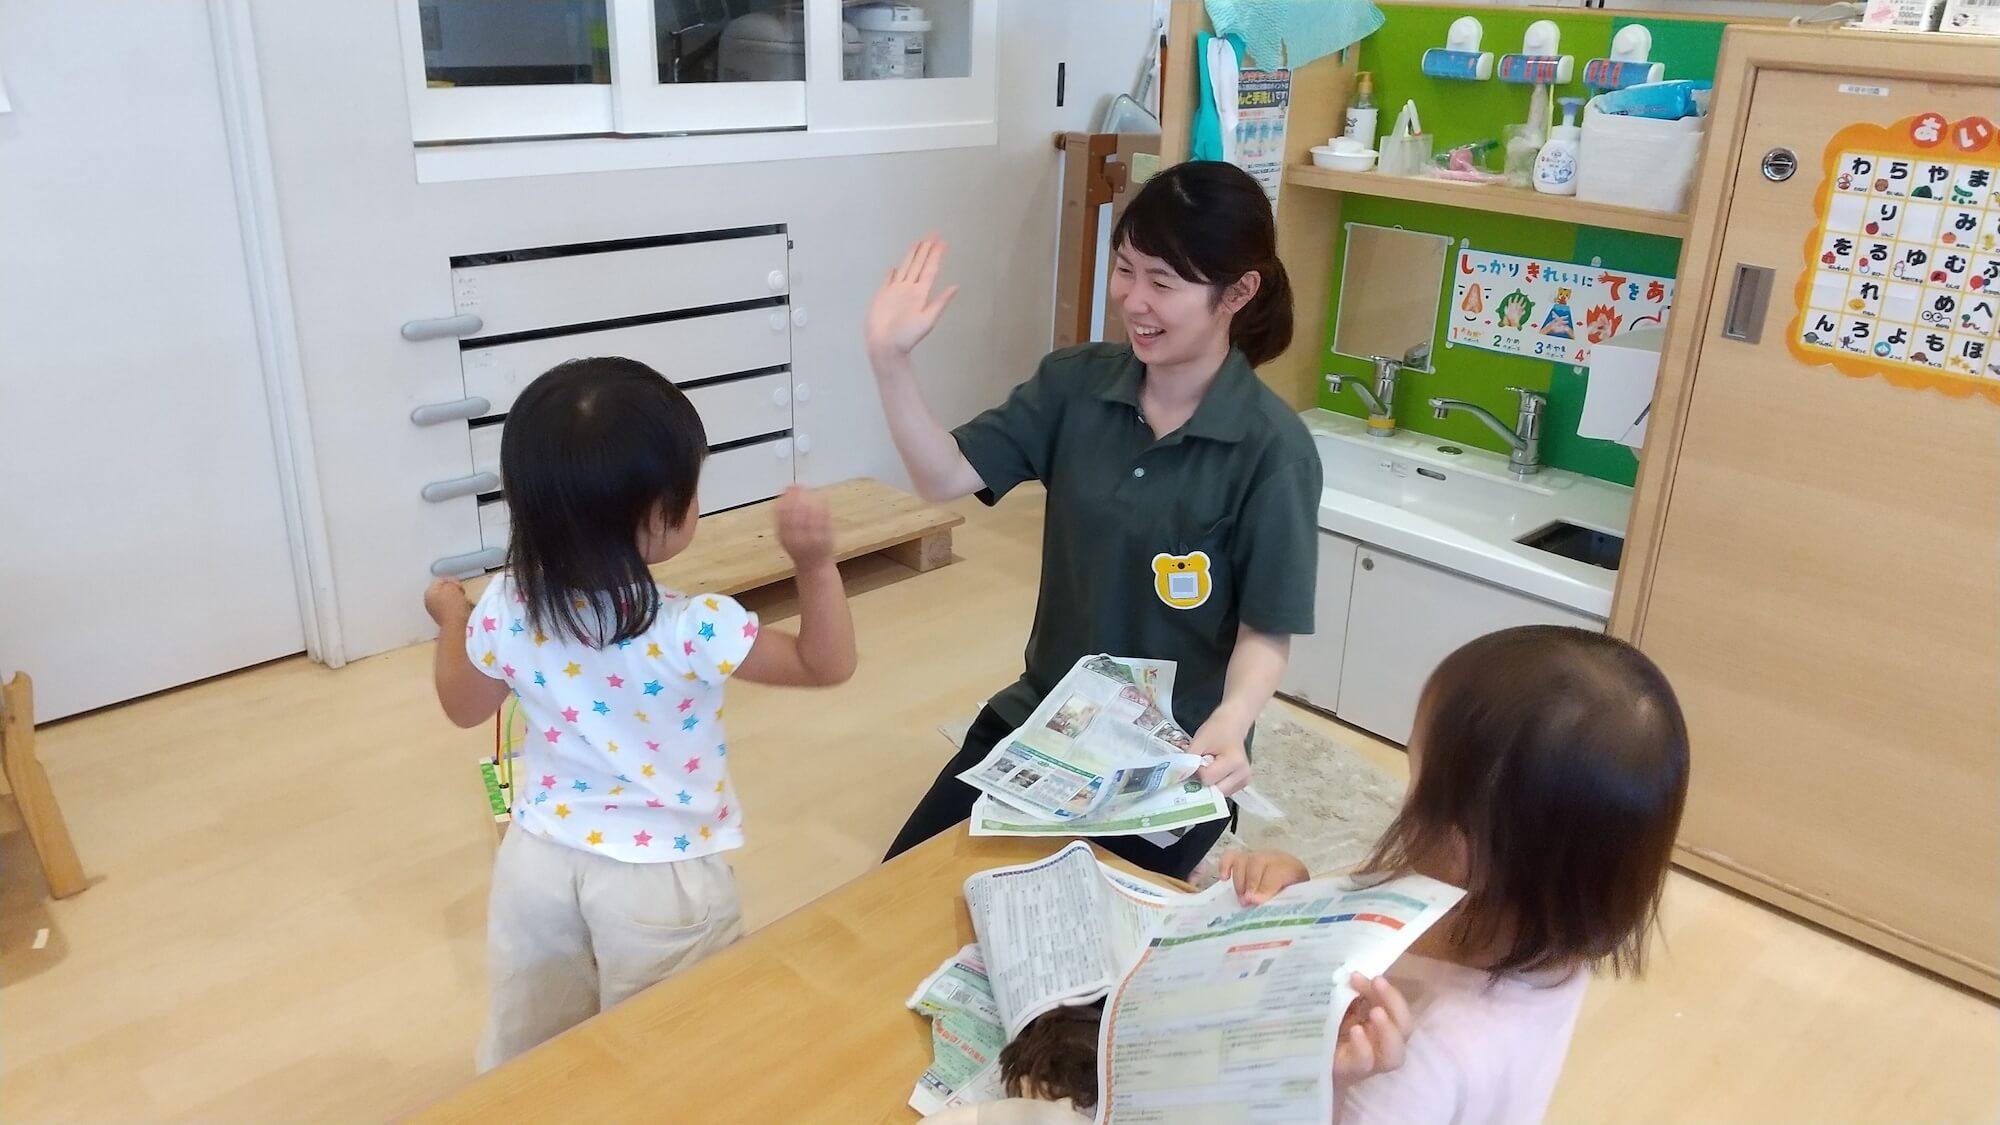 子どもたちとの触れ合いも楽しめるようになったと語る朝山さん(2019年度 撮影)